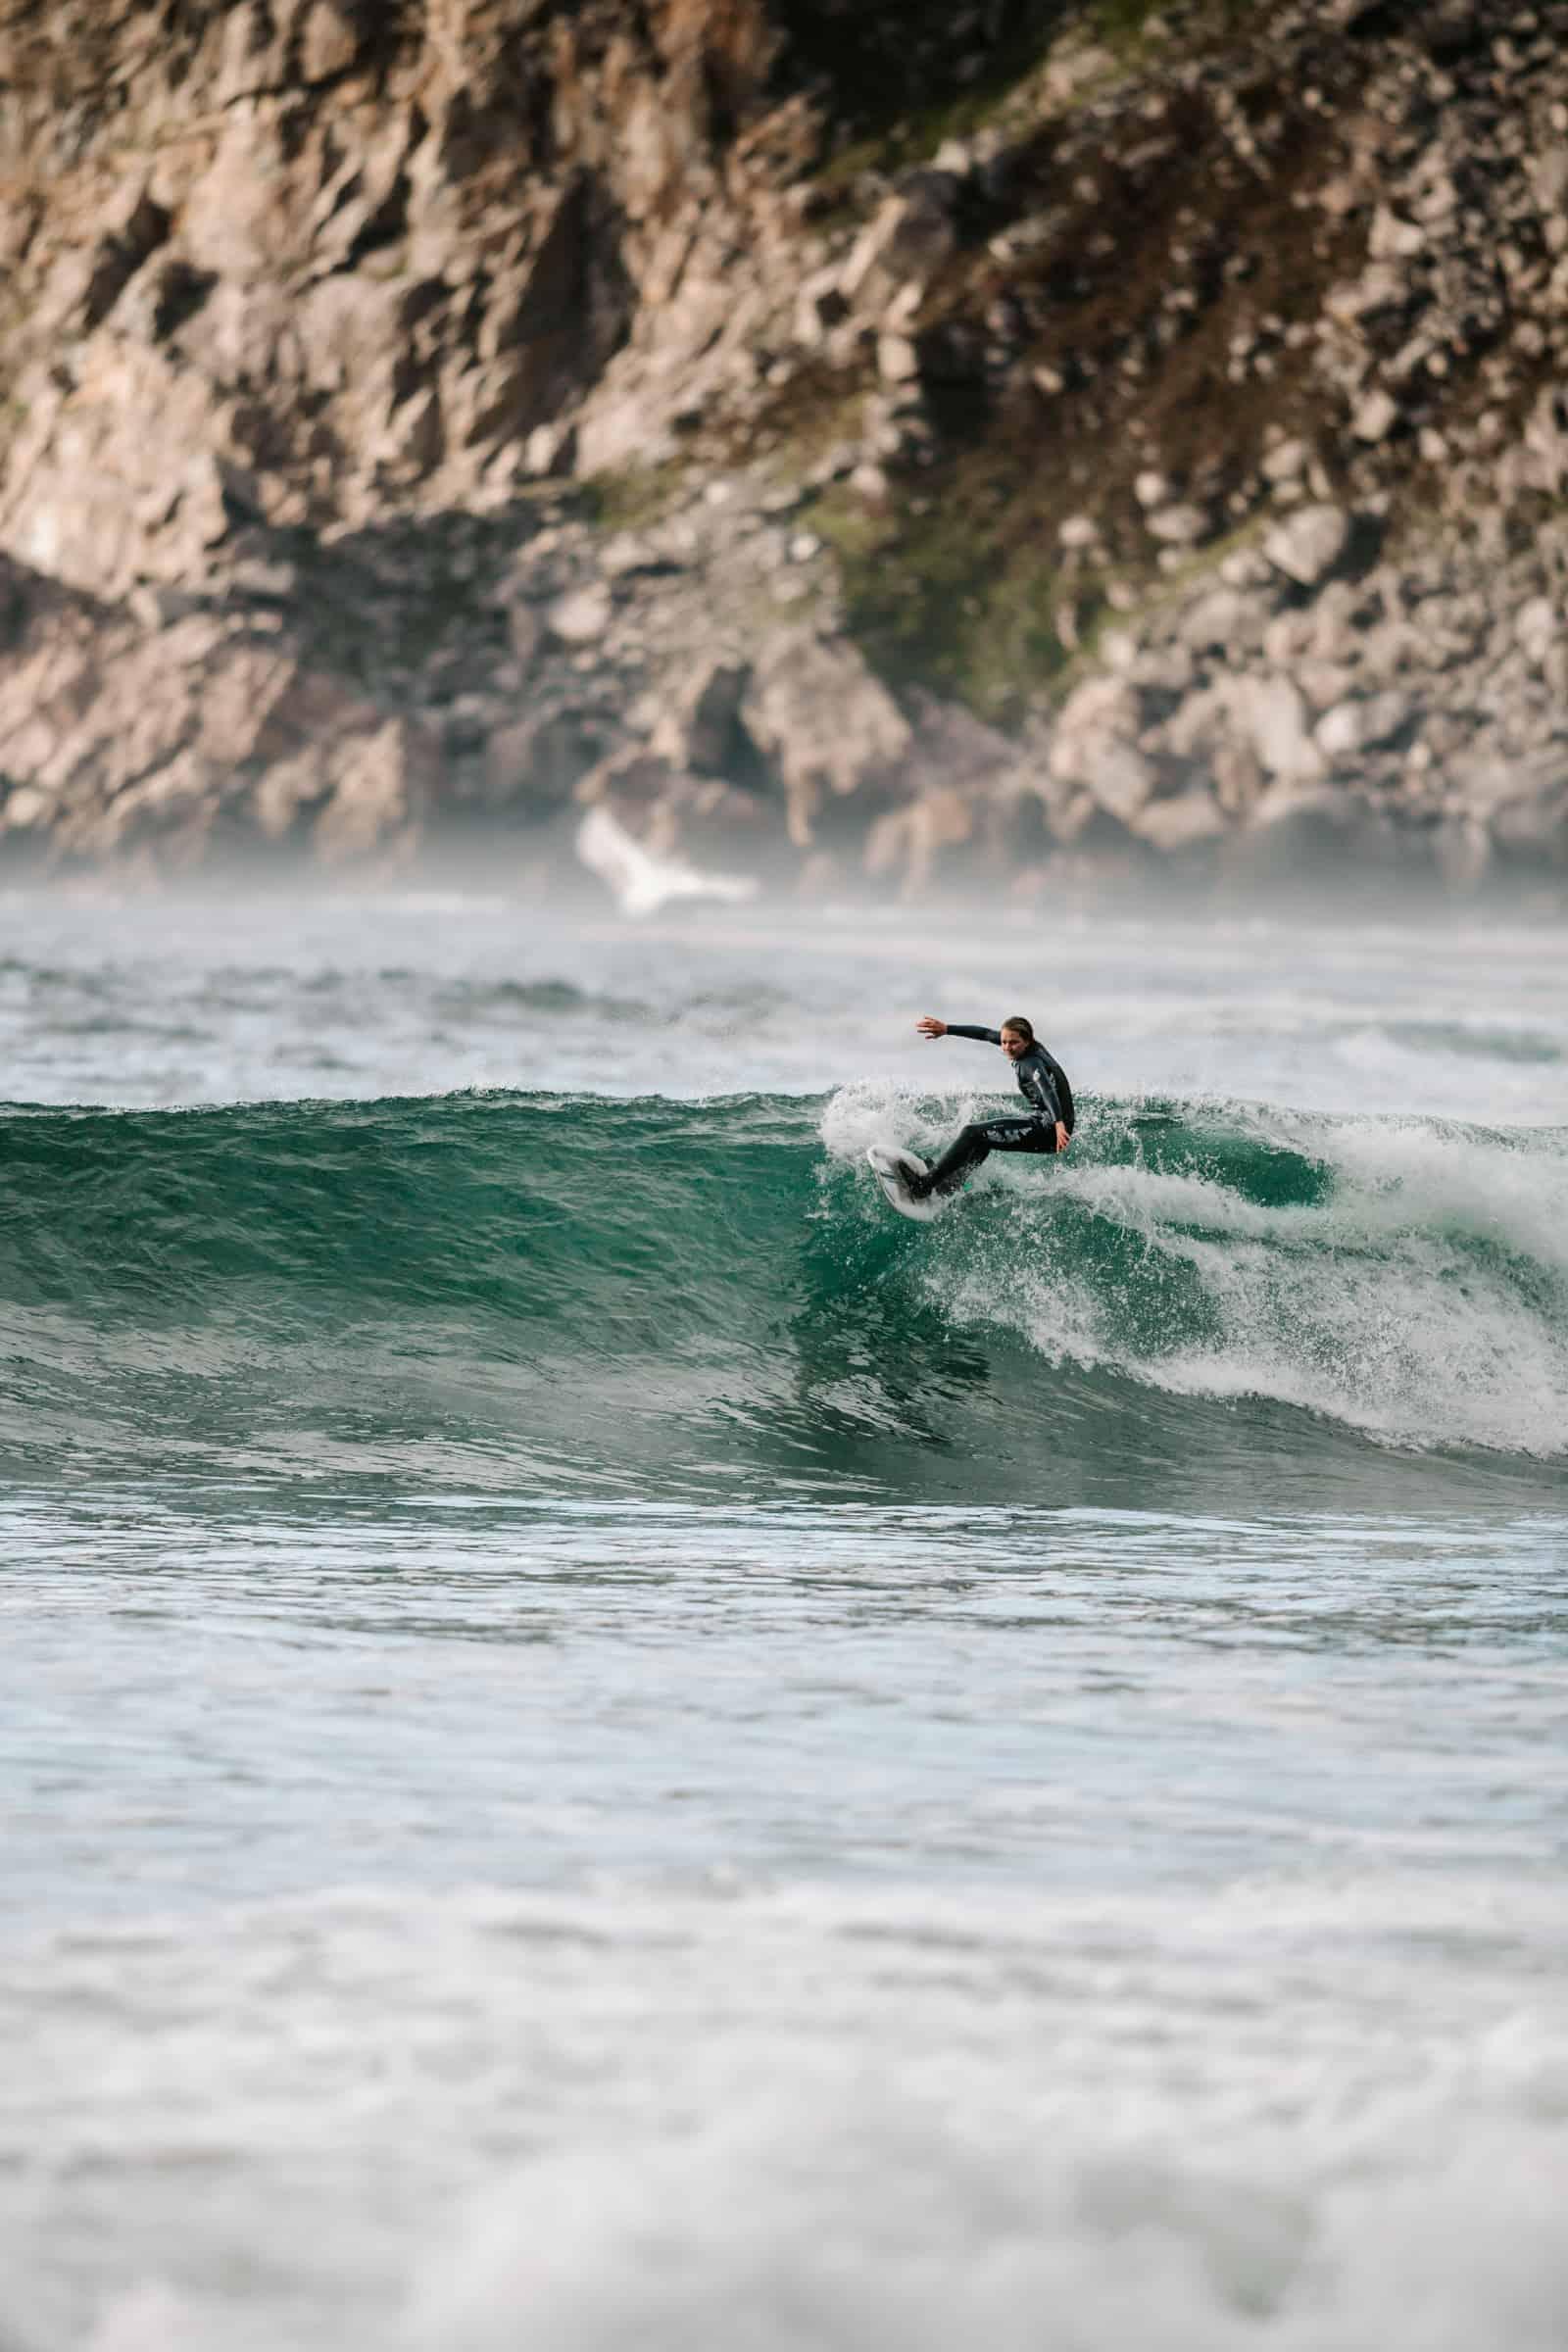 Heidi Neerbye, fra øst til rå surfing i vest. Foto: Saltnwax